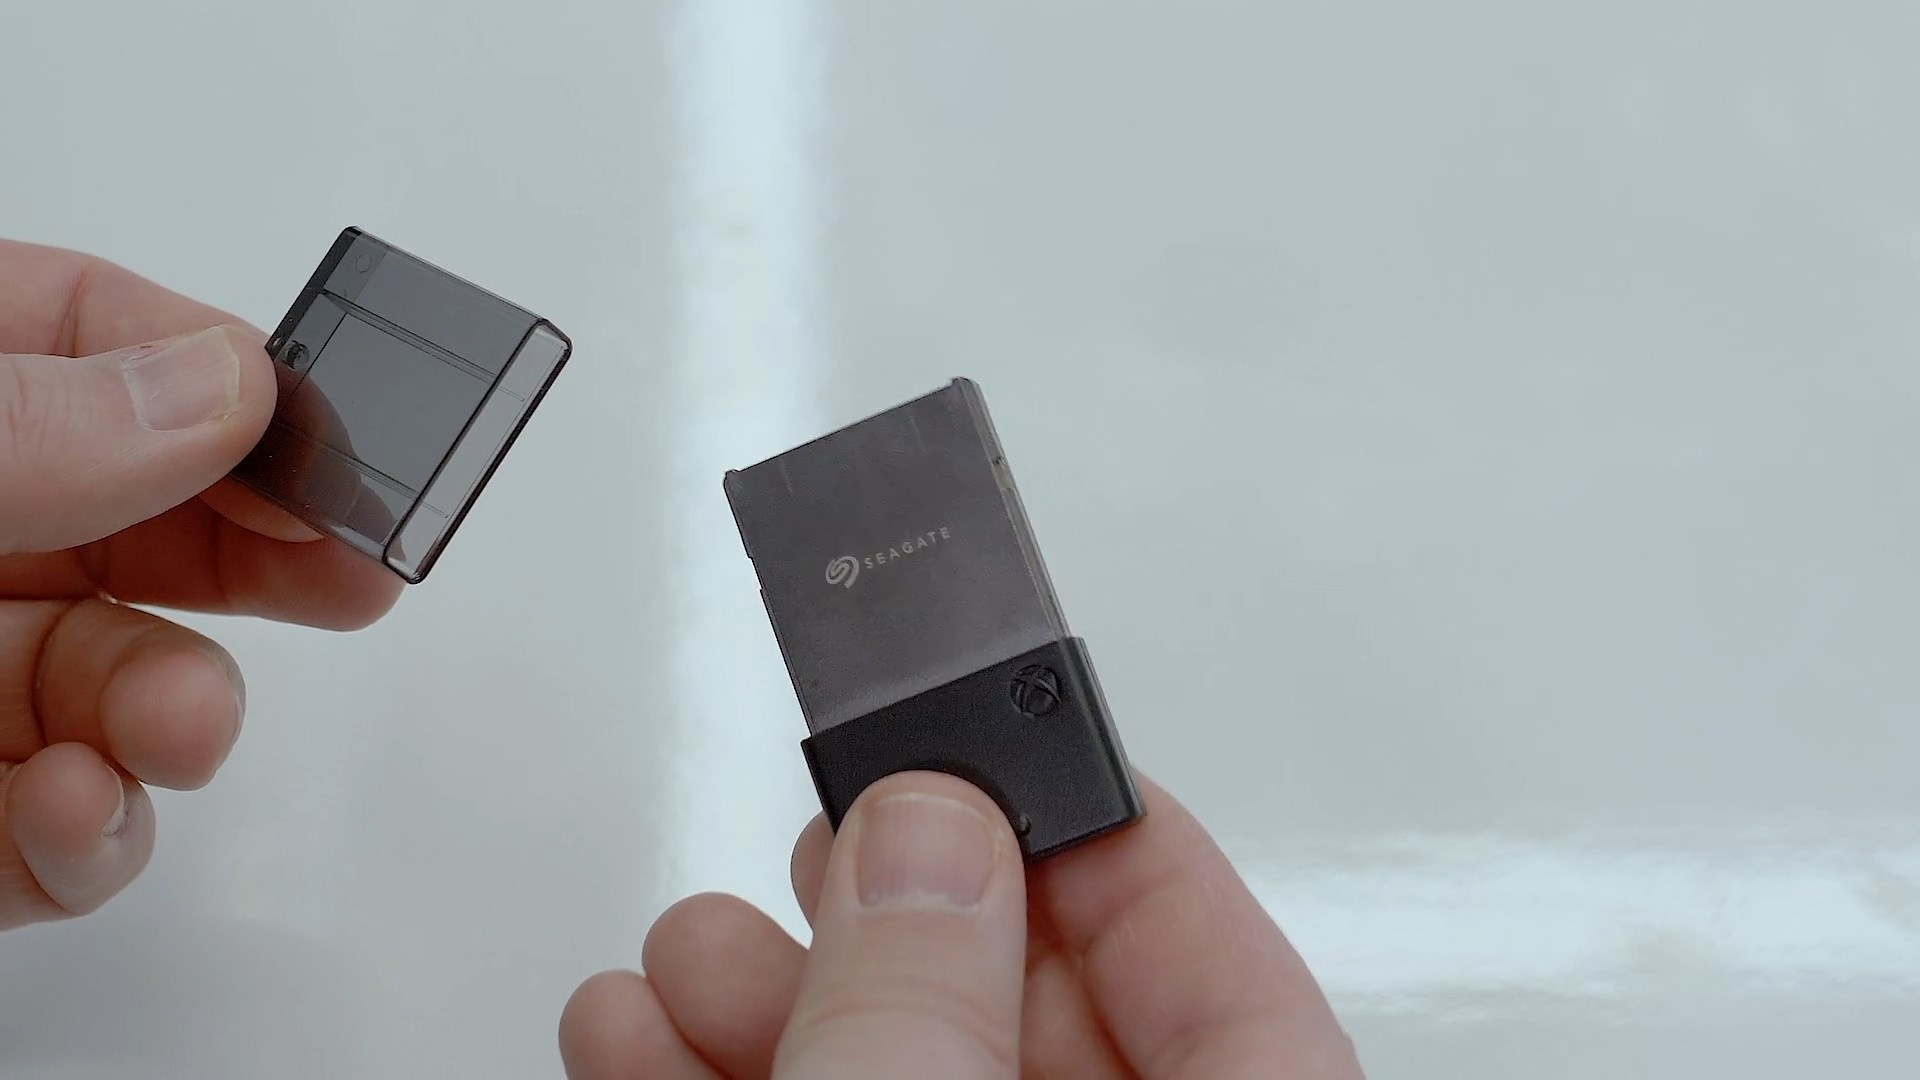 Tak wyglądają wymienne dyski SSD do Xbox Series X - chyba skądś je kojarzę 17